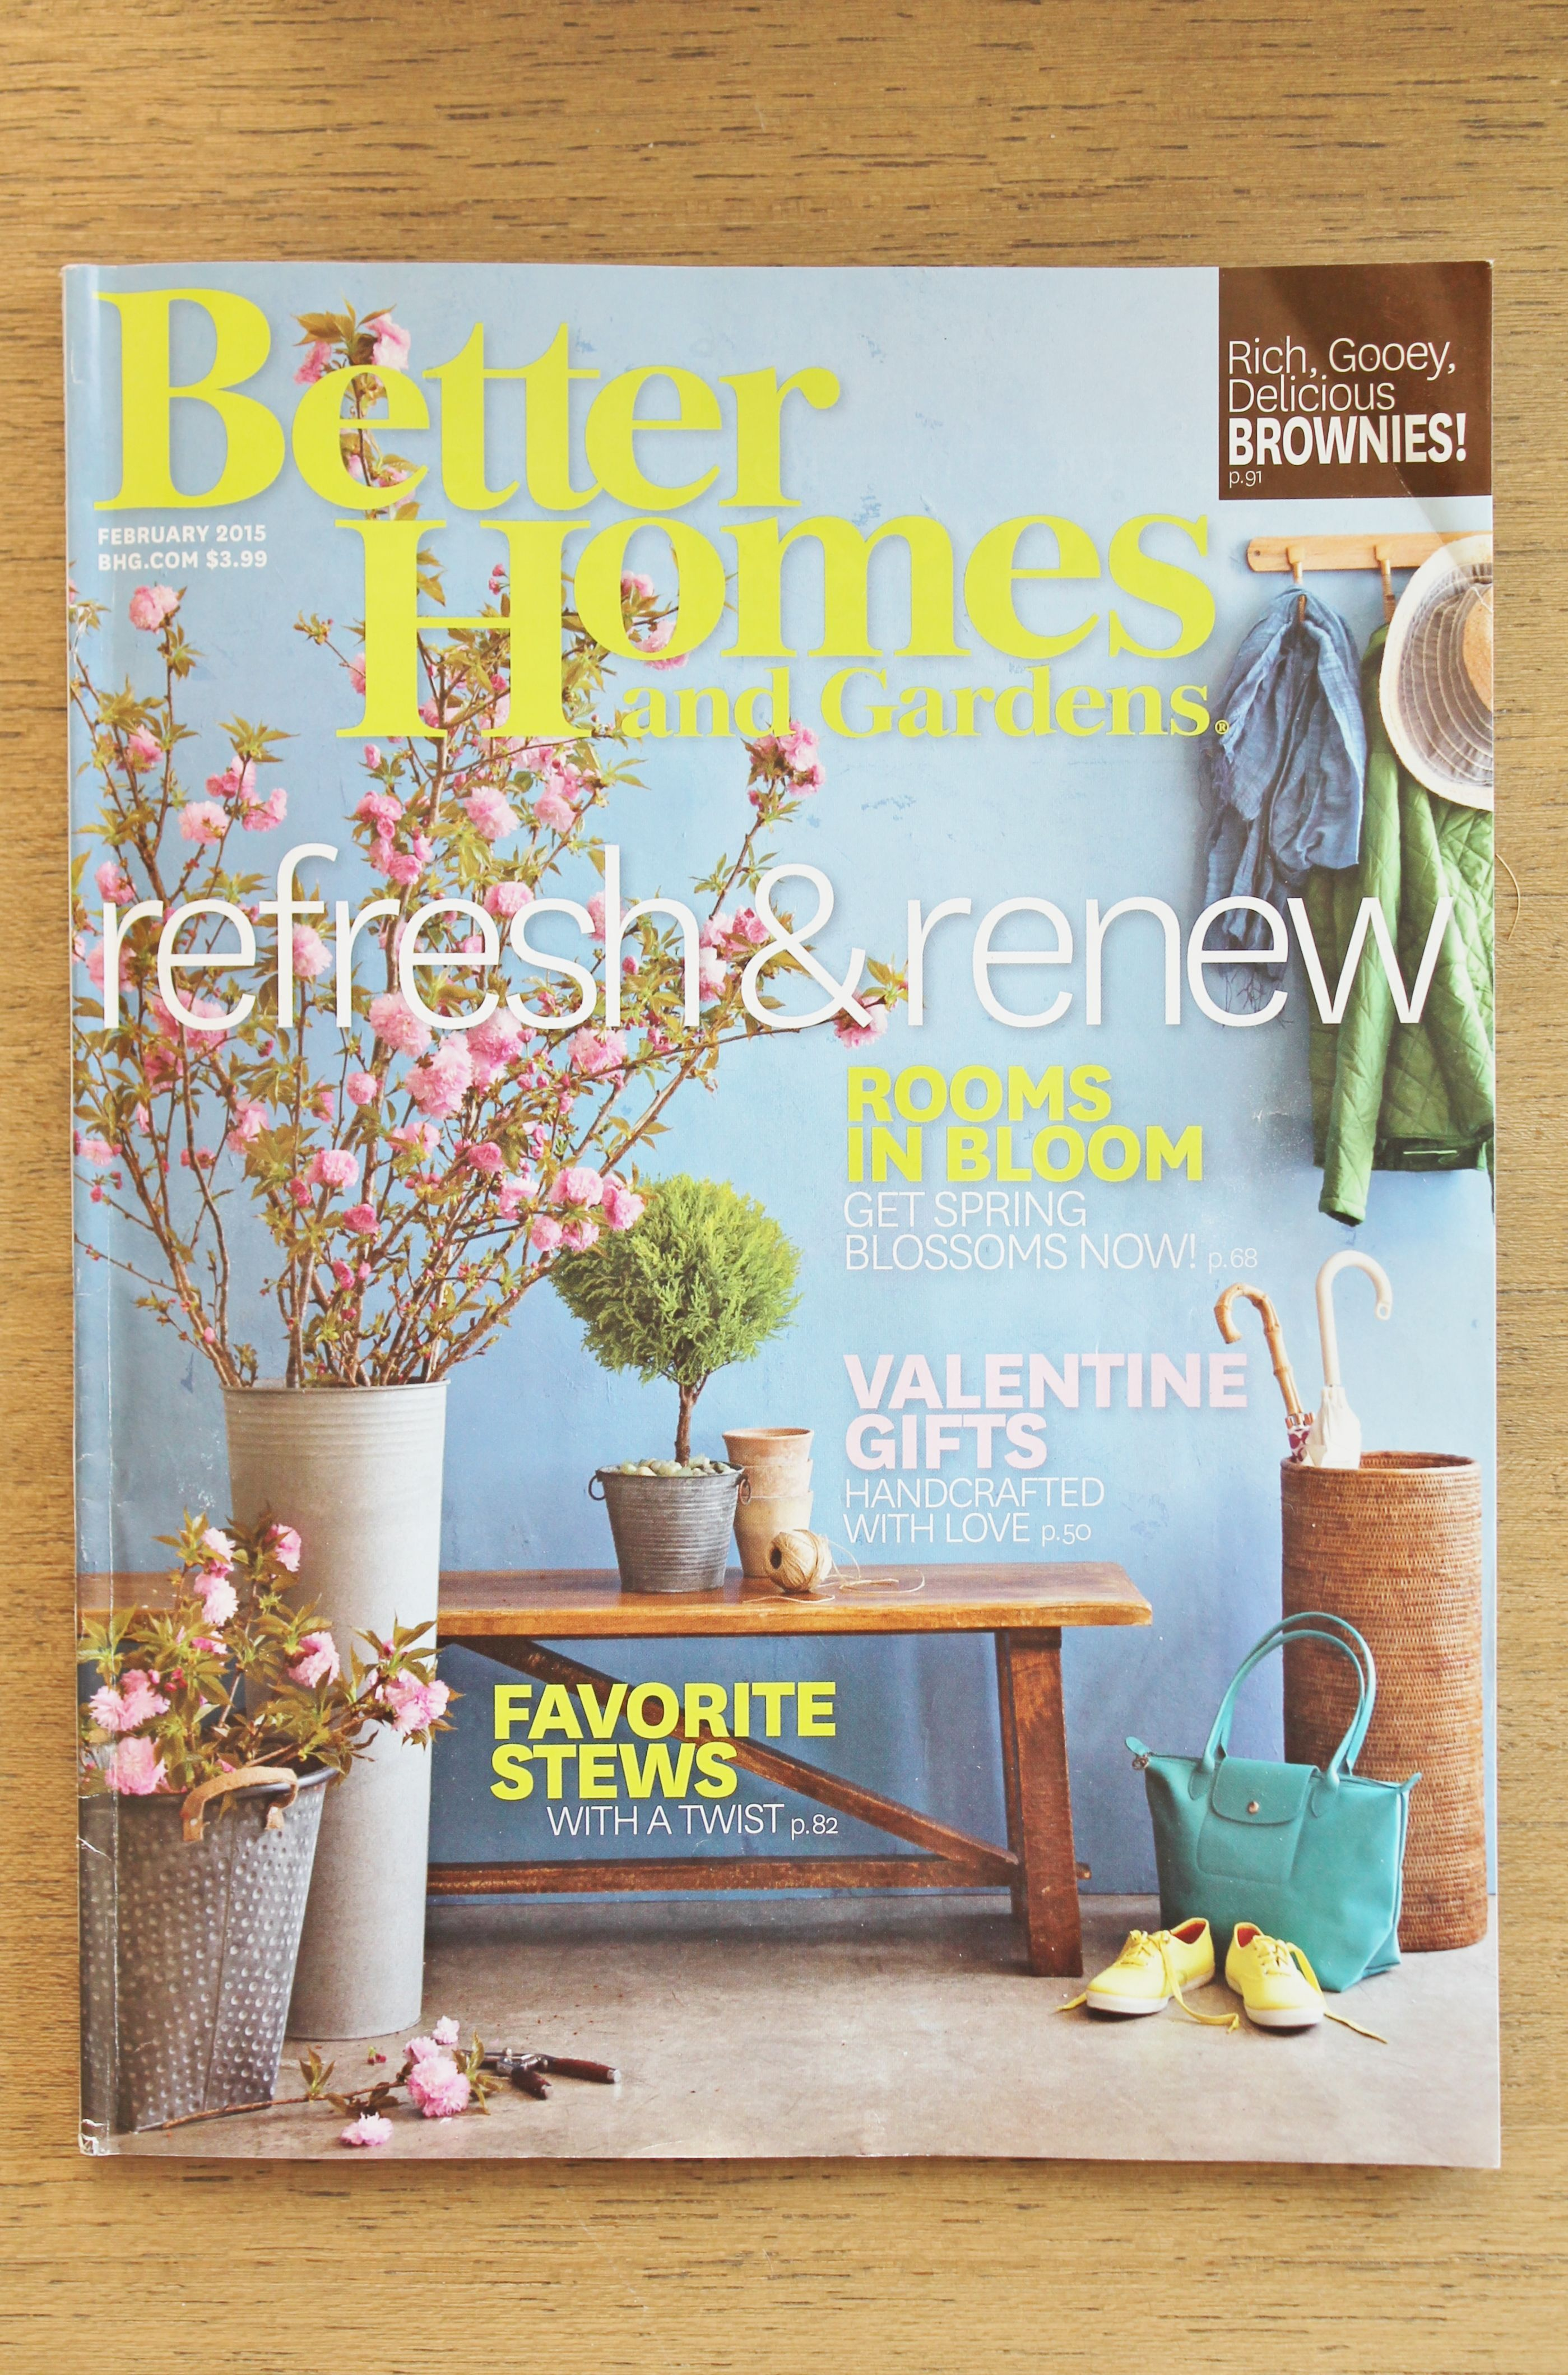 872e739c06ed3bbd1090cd05d258cd87 - Better Homes And Gardens February 2015